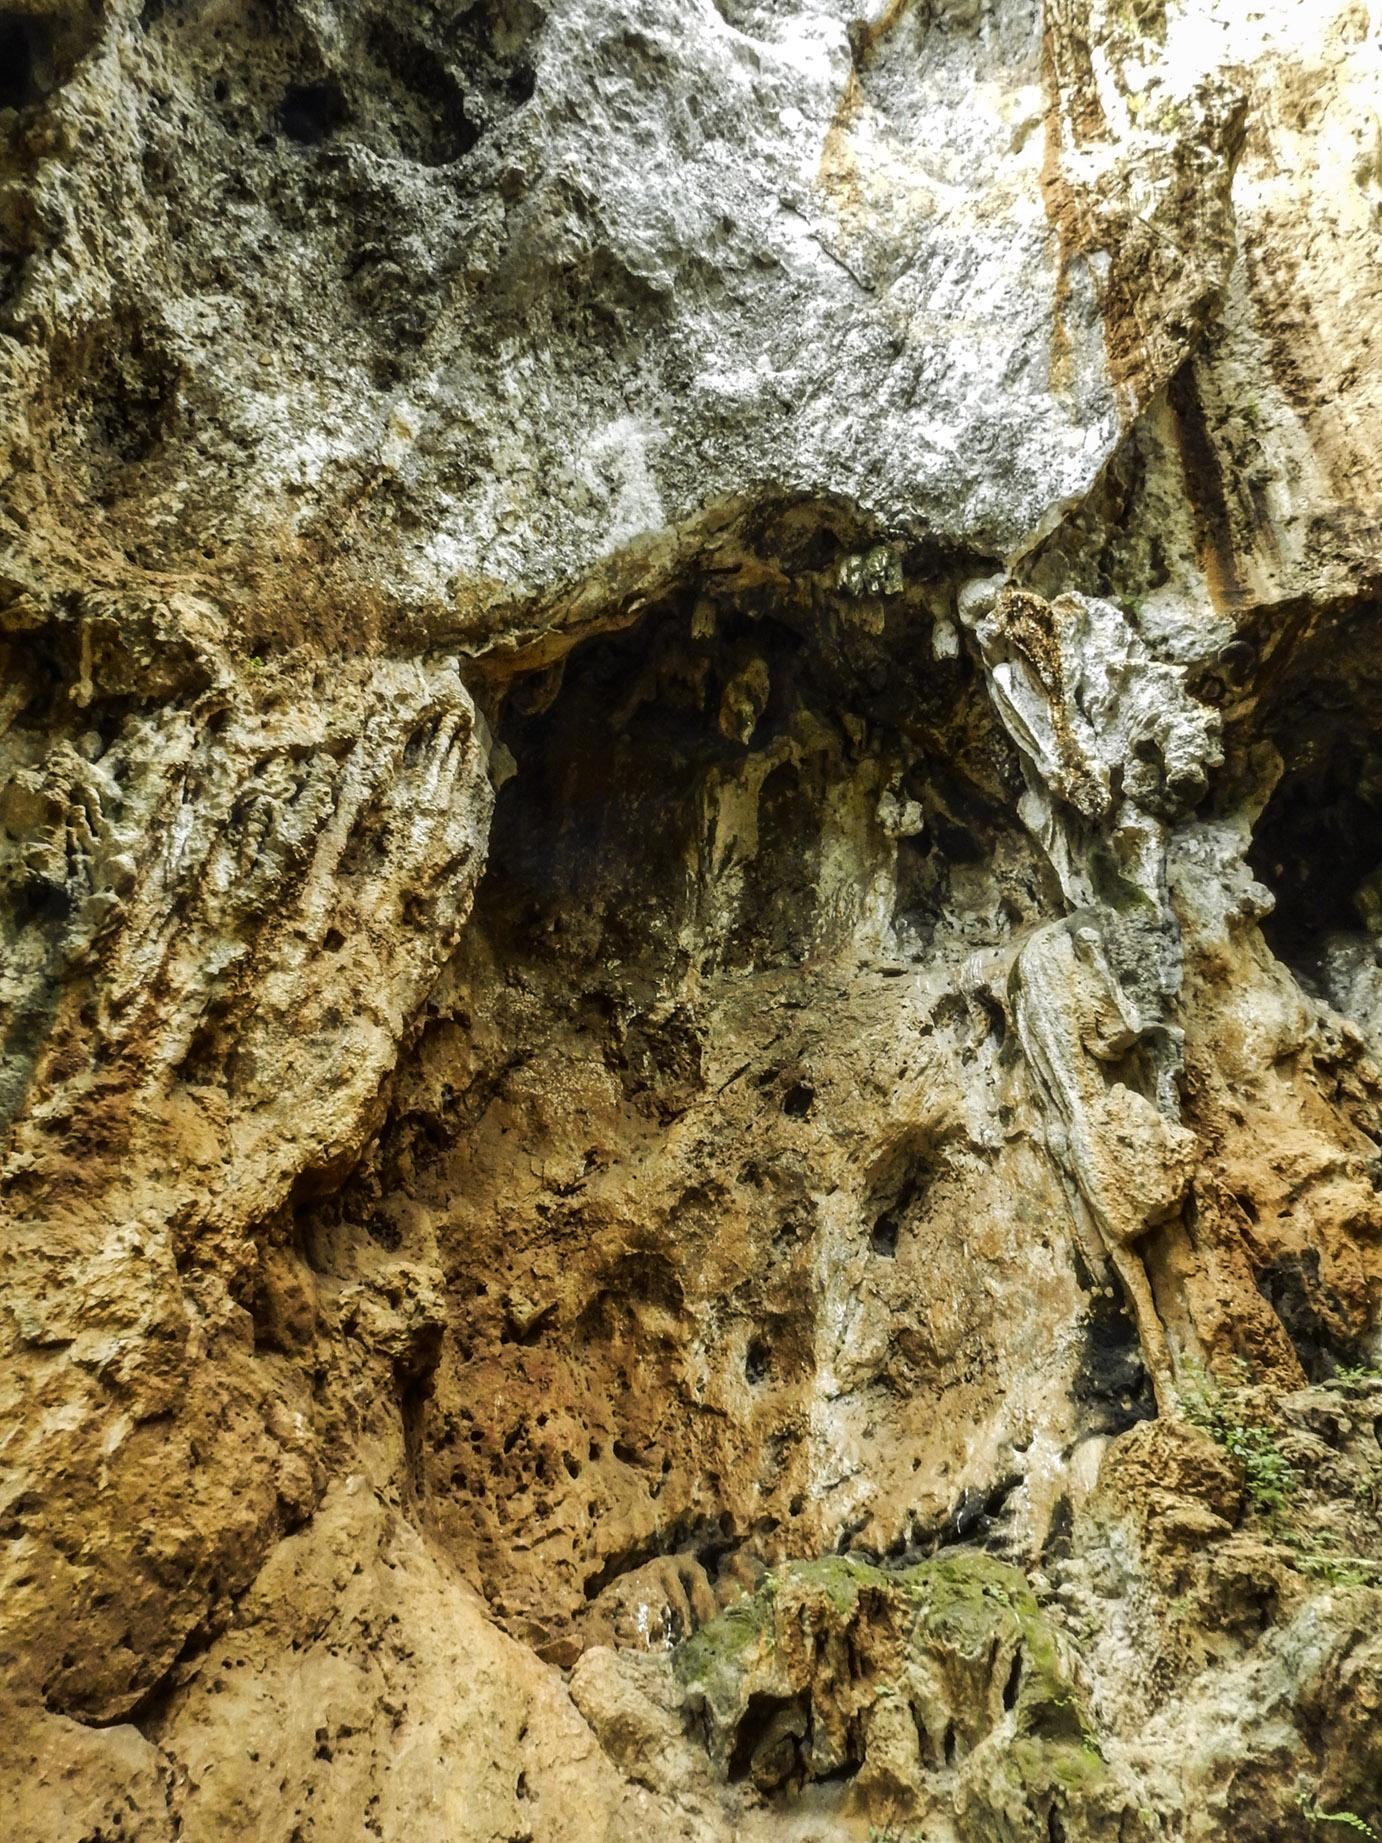 situs sejarah goa pawon di desa cipatat, padalarang